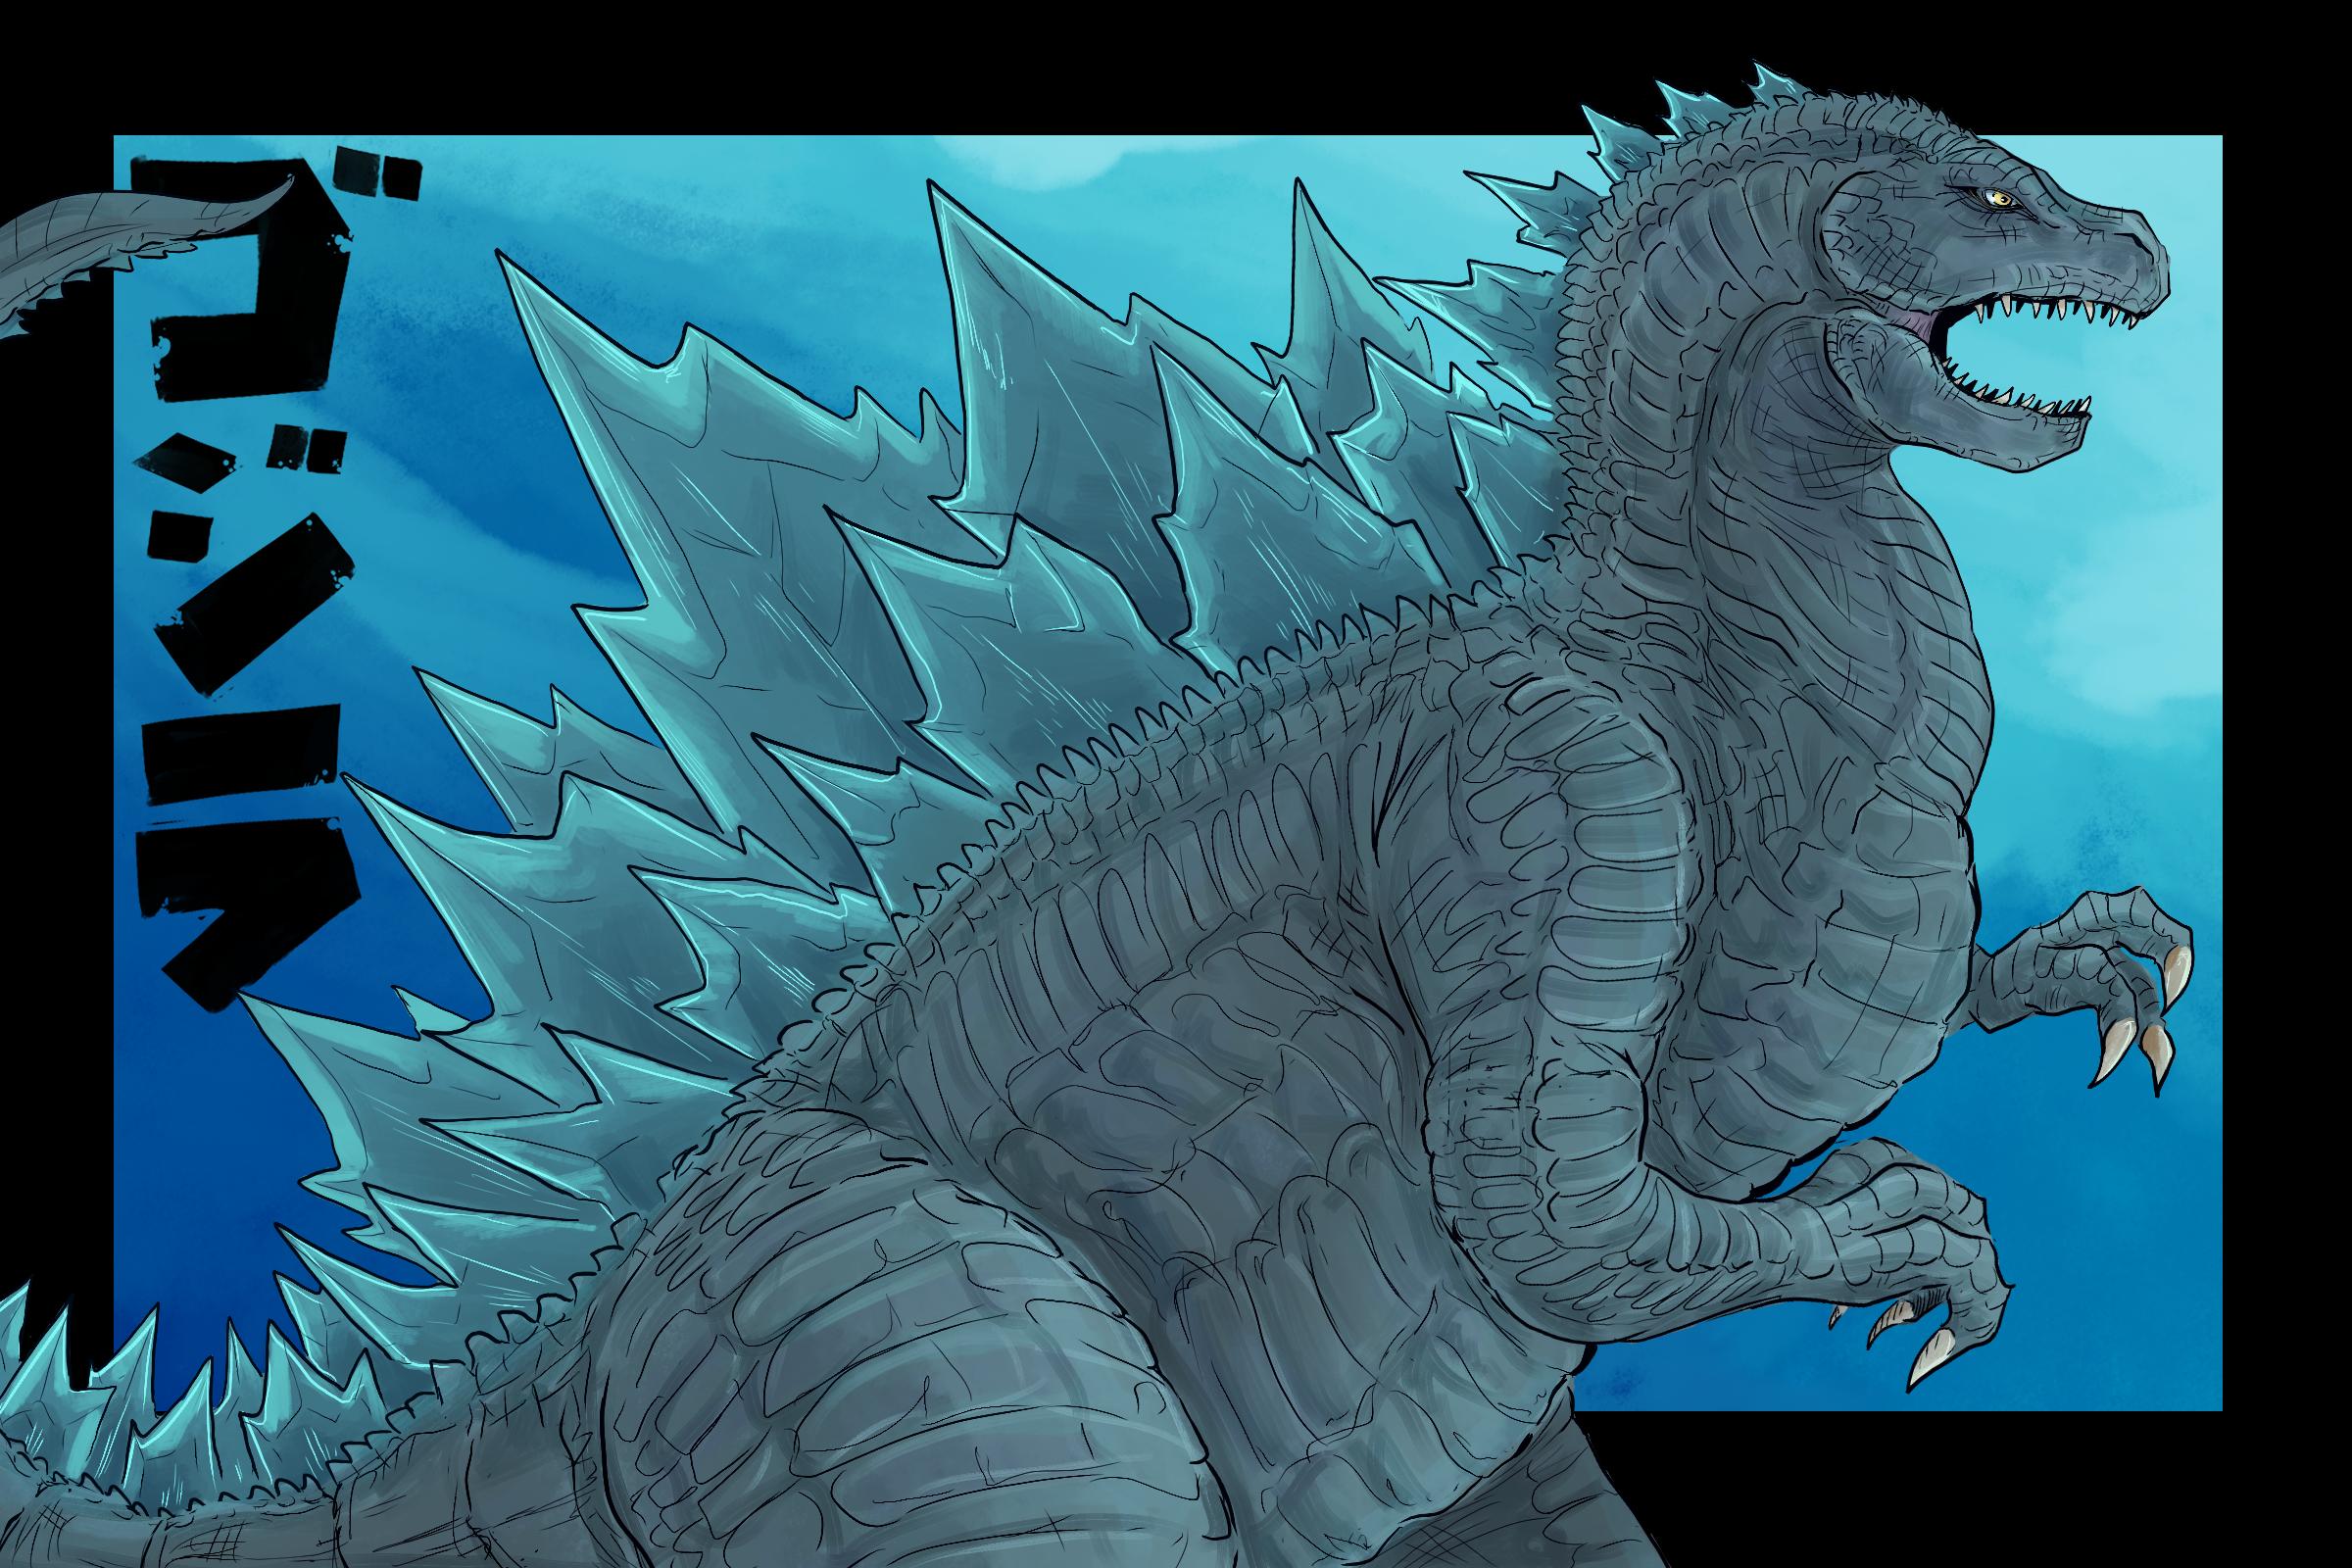 Nuclear beast from the ocean beneath